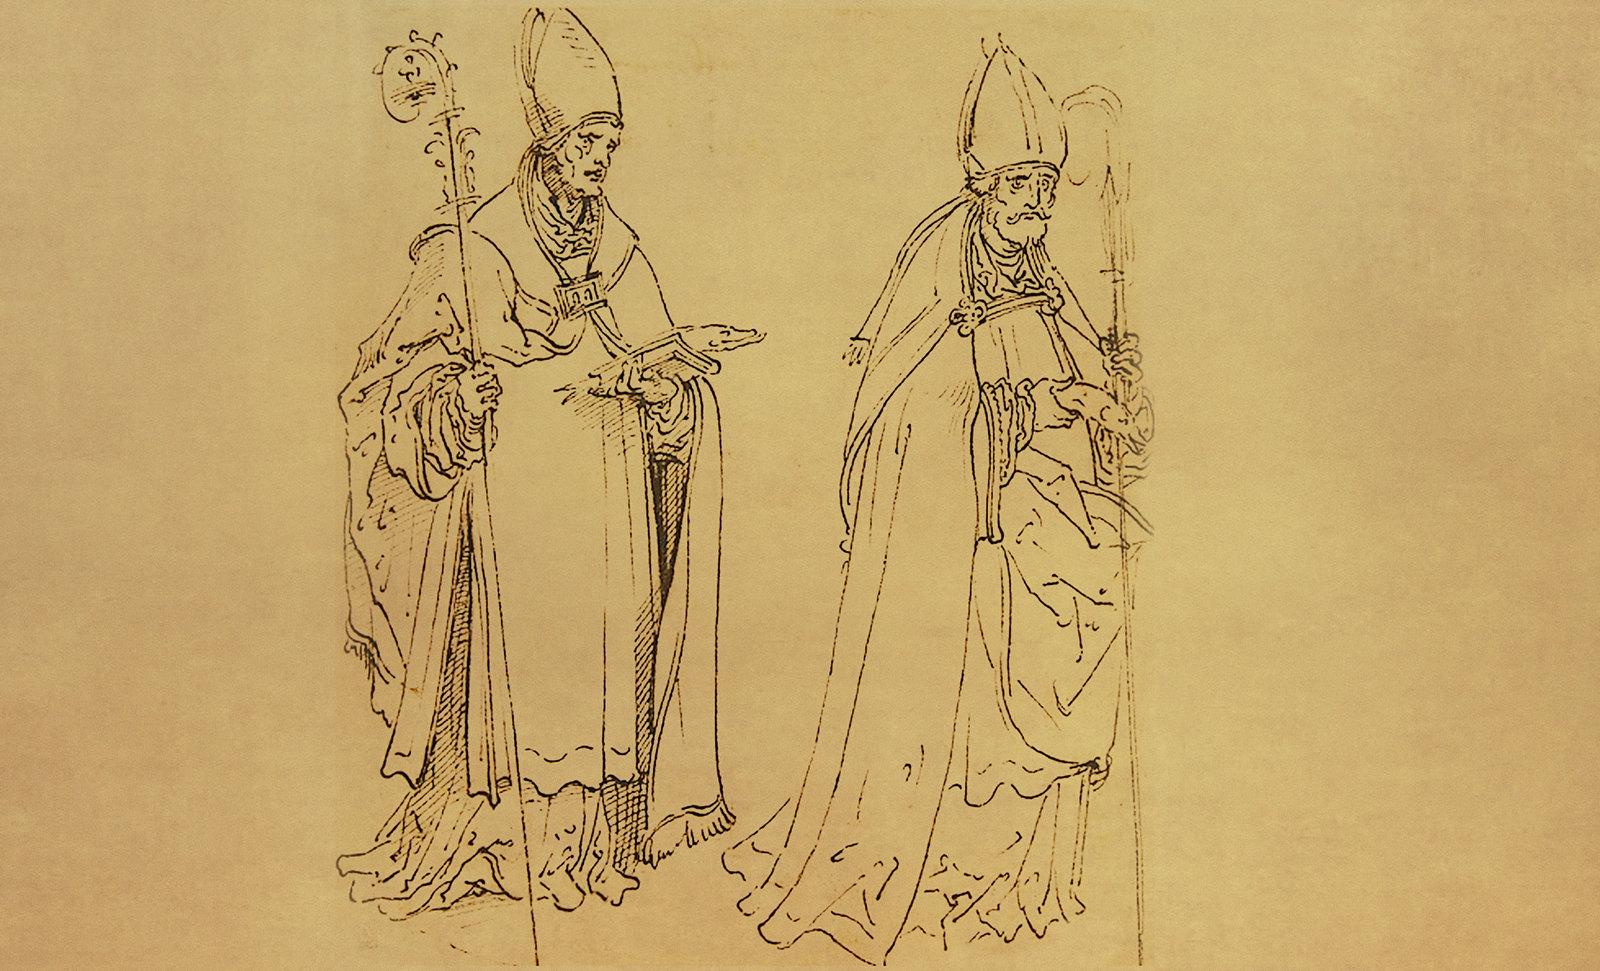 Obispos / Vigías de visiones y voluntades